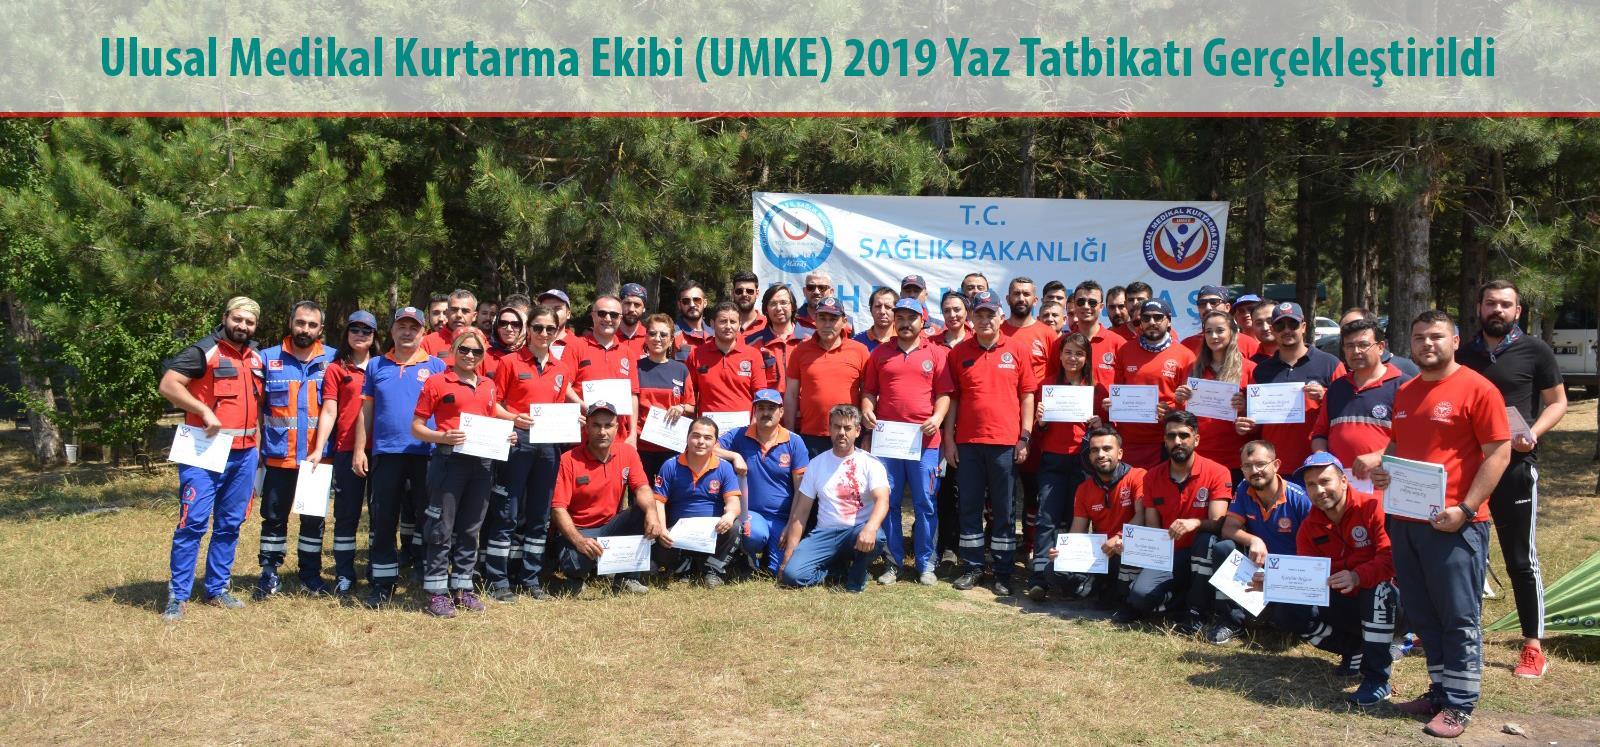 Ulusal Medikal Kurtarma Ekibi (UMKE) 2019 Yaz Tatbikatı Gerçekleştirildi